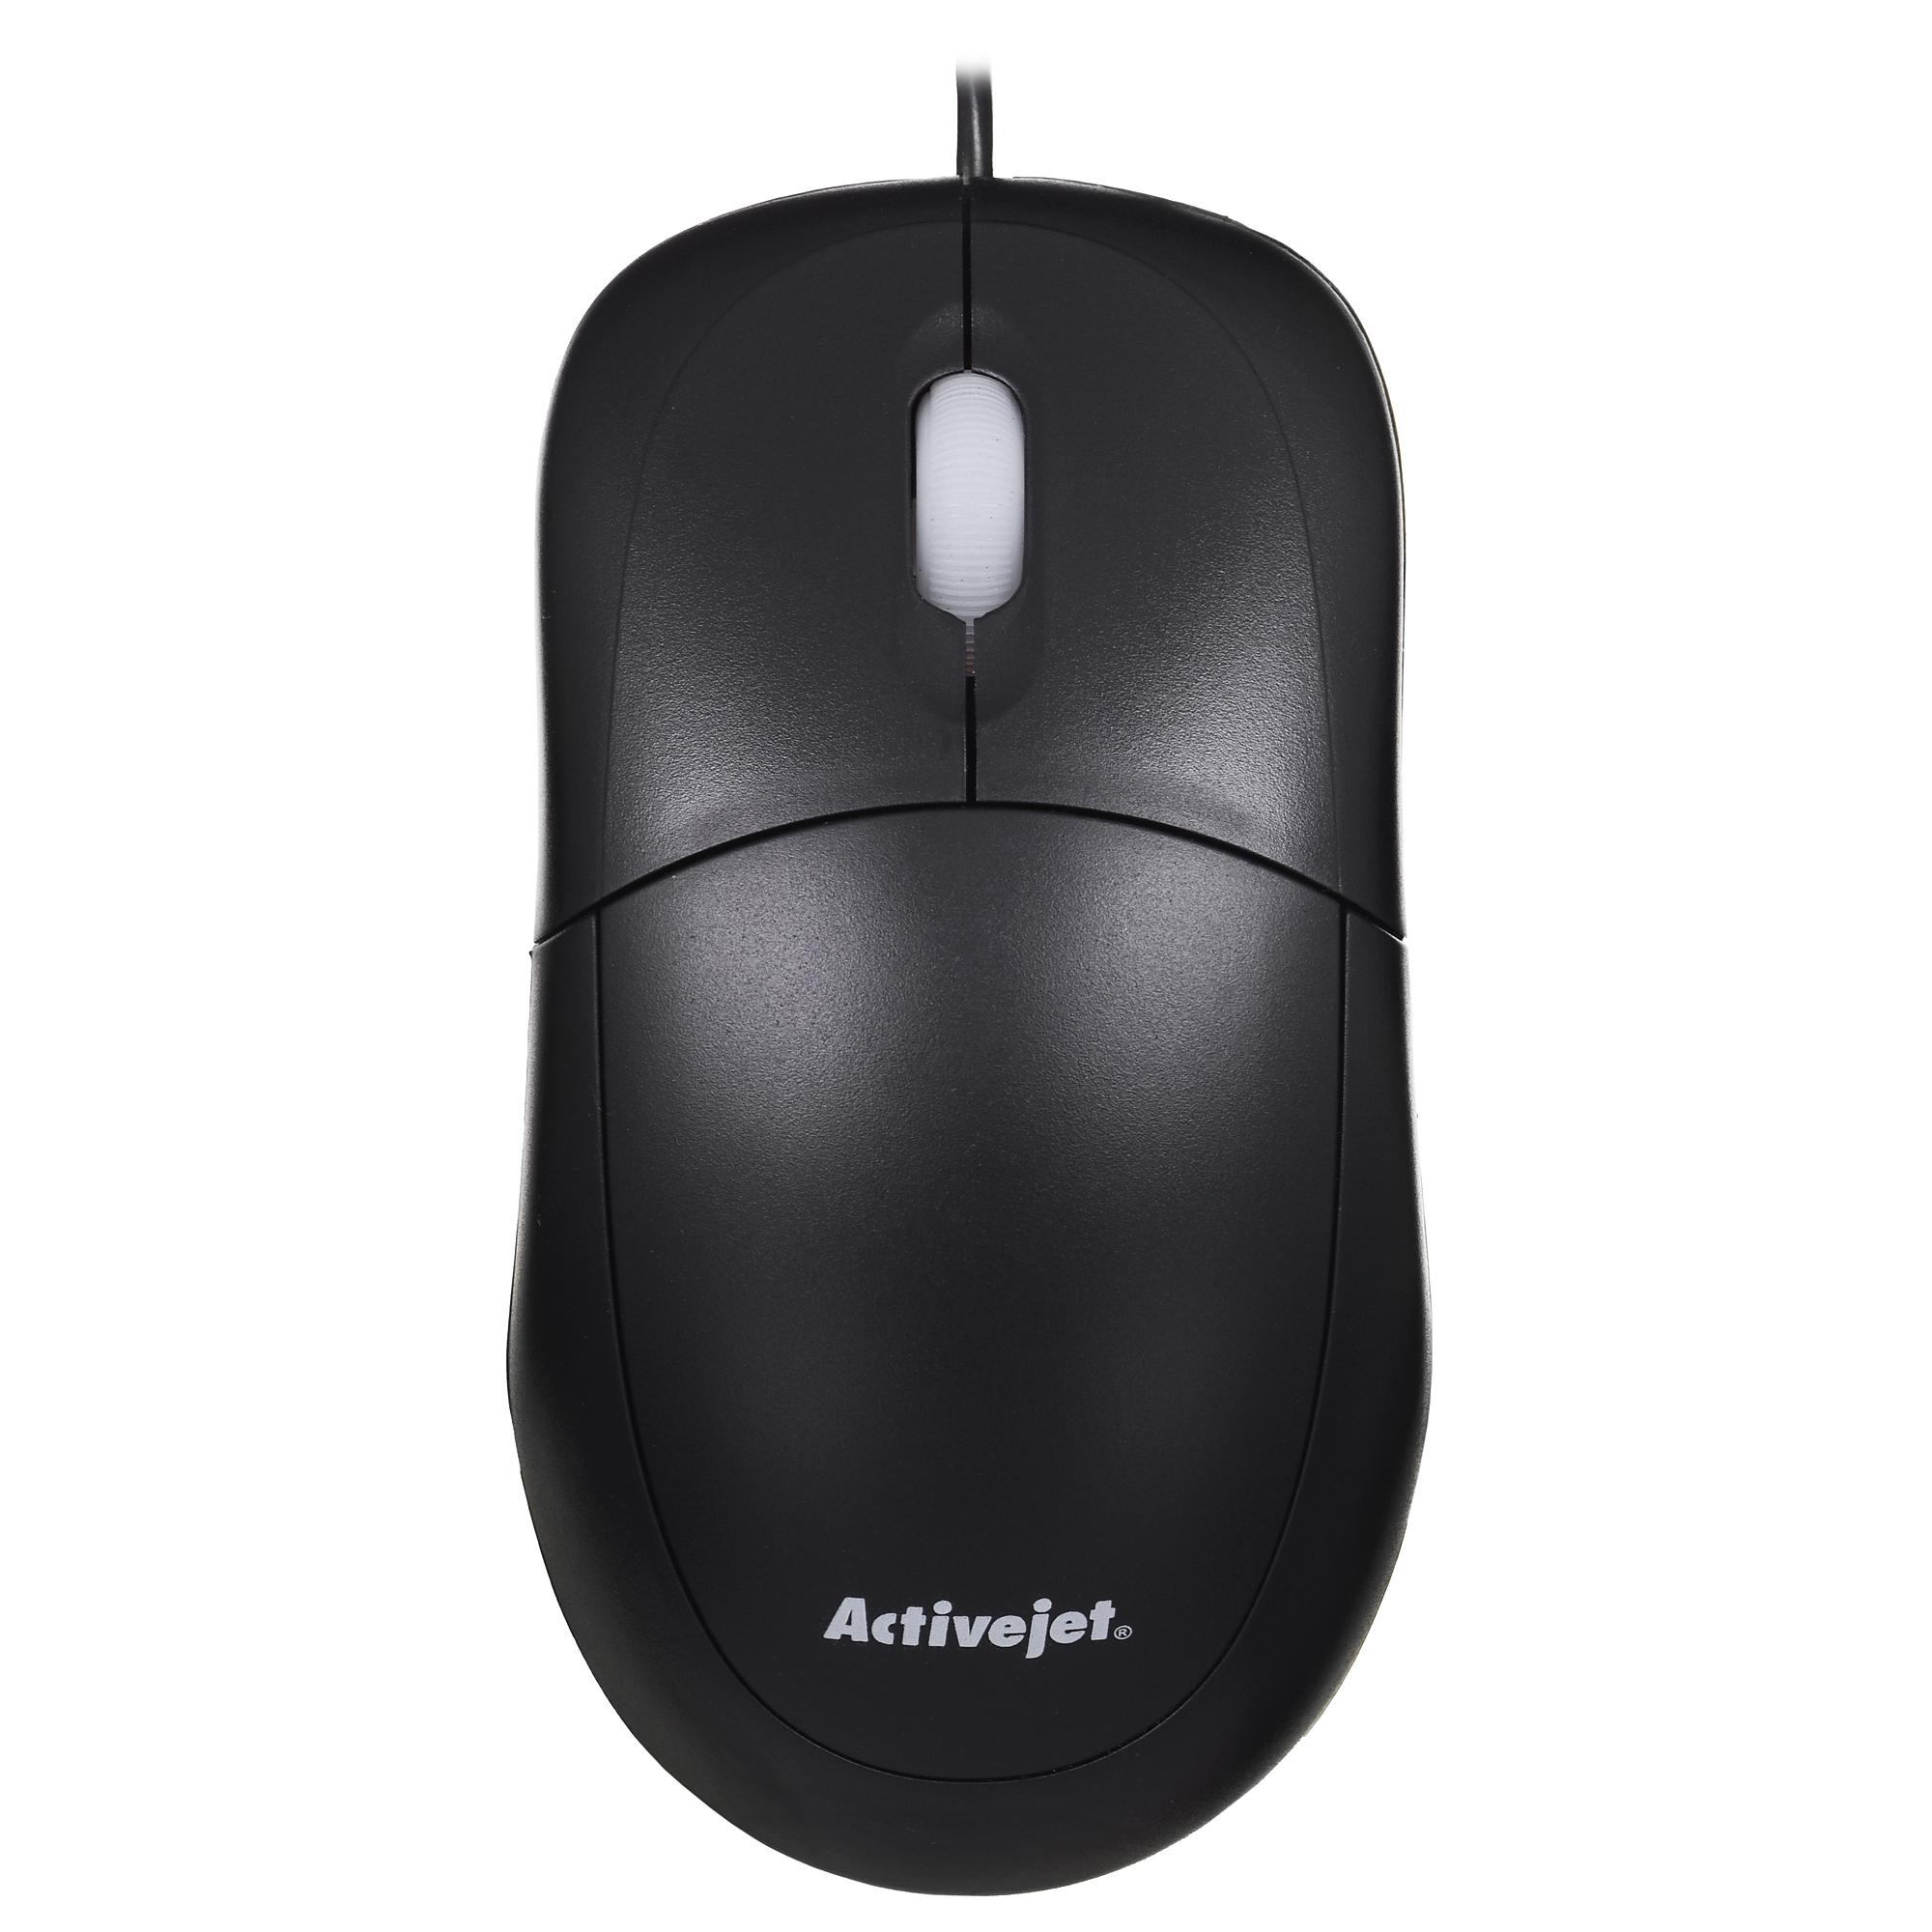 Activejet mysz przewodowa USB AMY-146